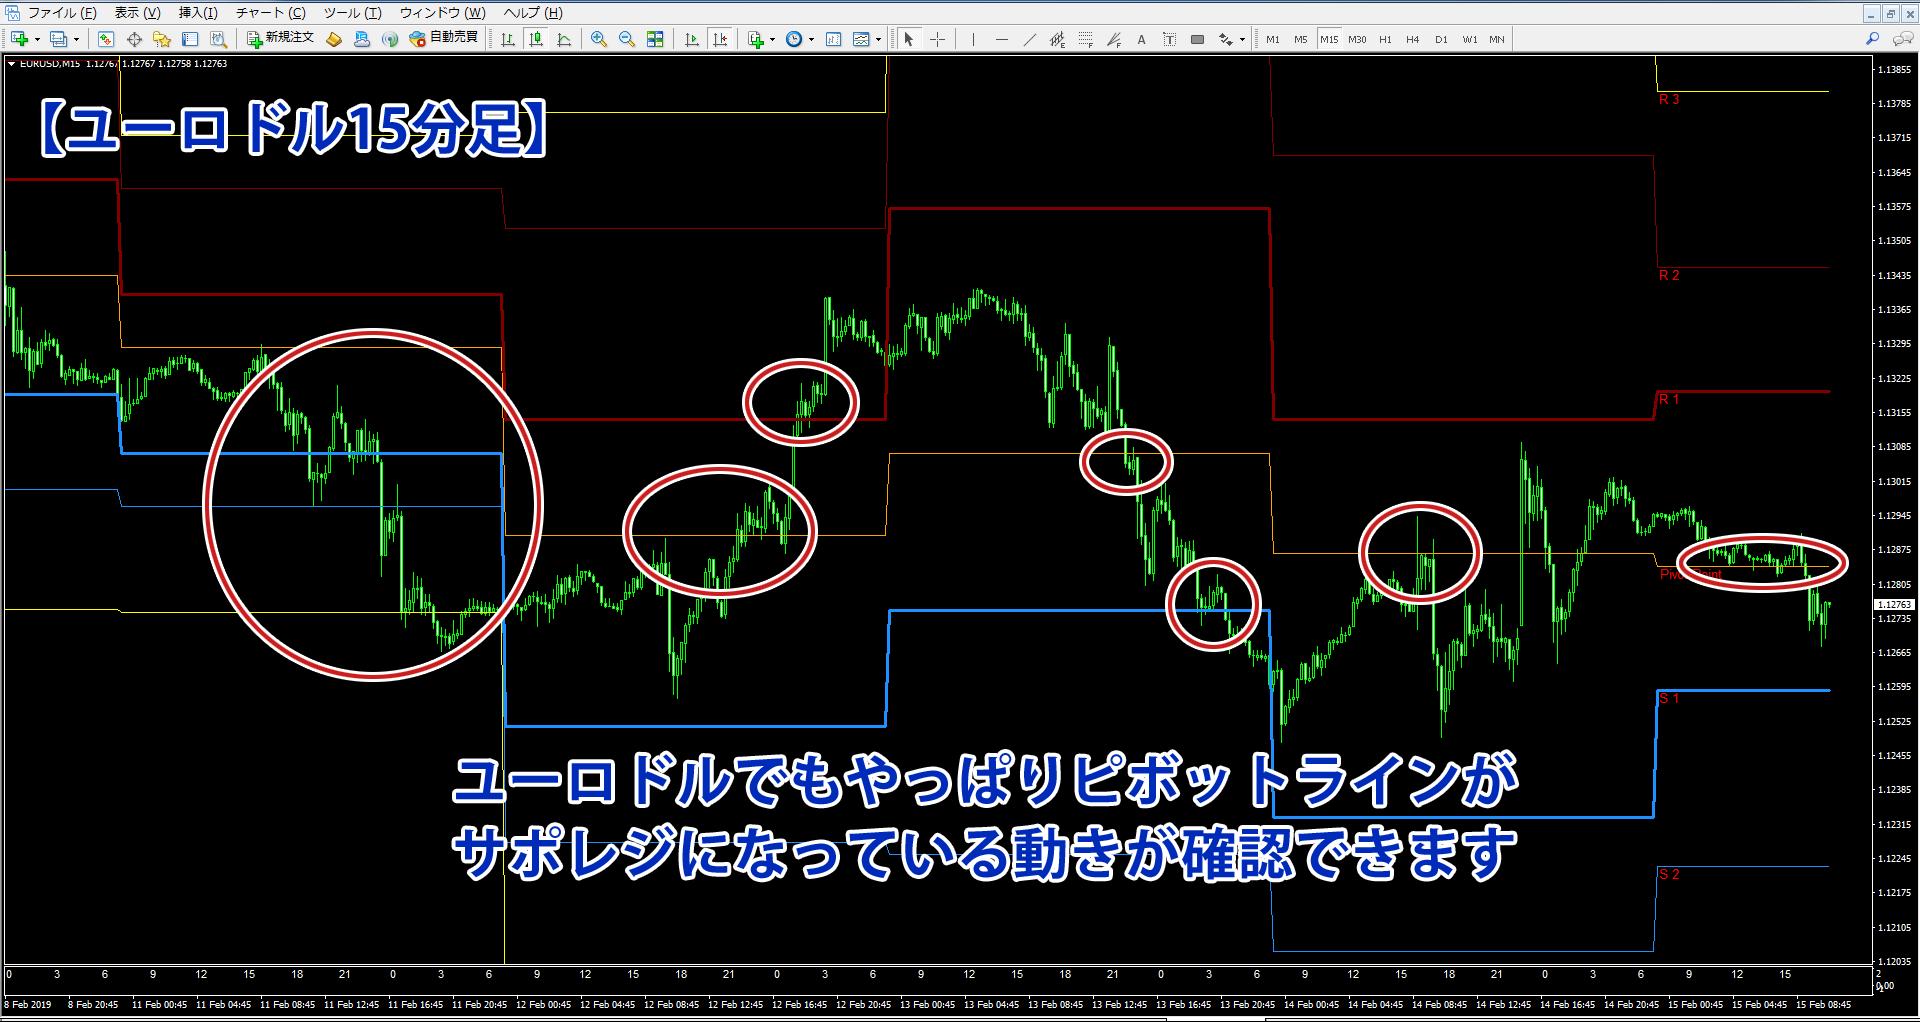 ピボットを表示したユーロドル15分足のチャート画像